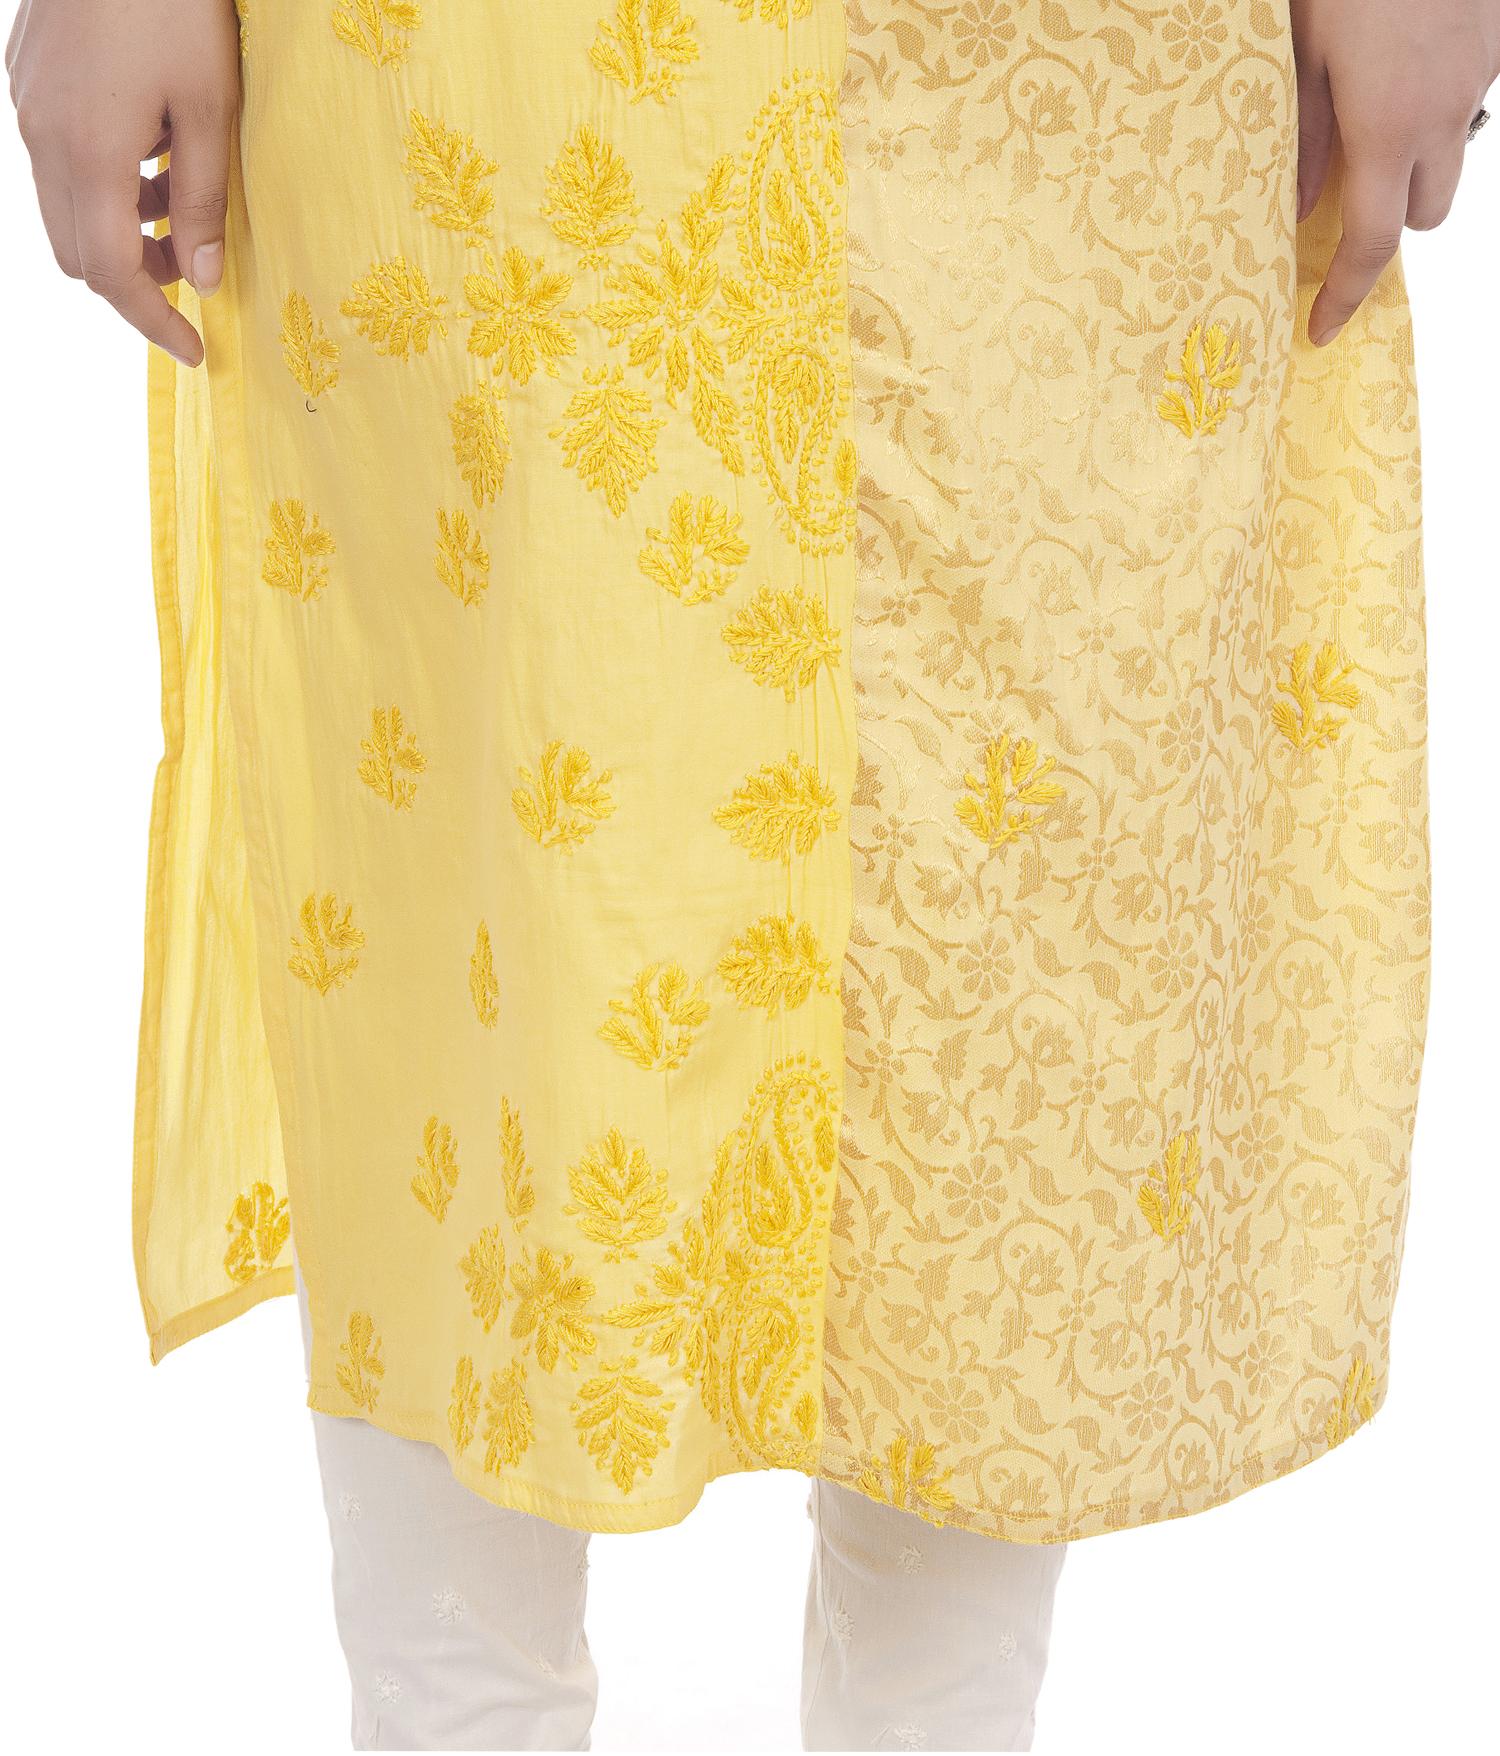 Ethnava Hand Embroidered Sattin Cotton Lucknowi Chikan Kurti